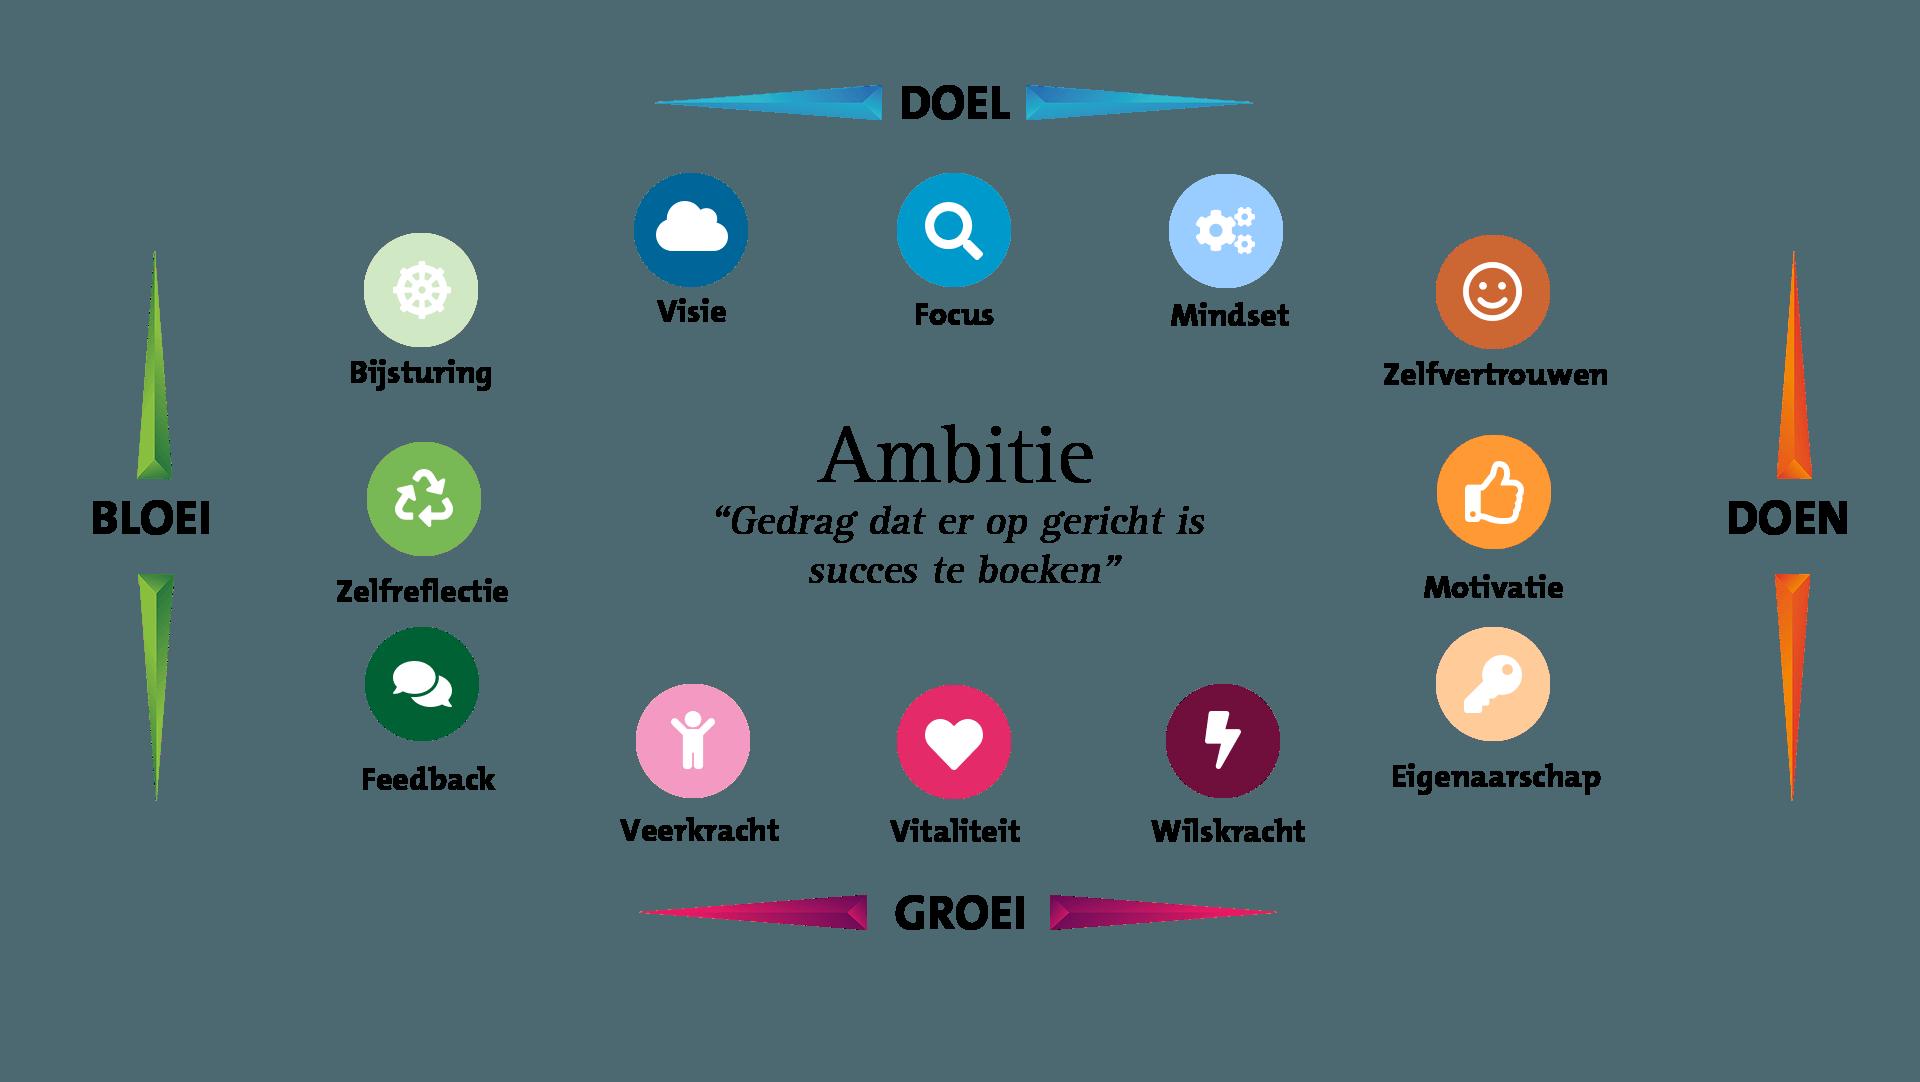 Ambitie kenmerken